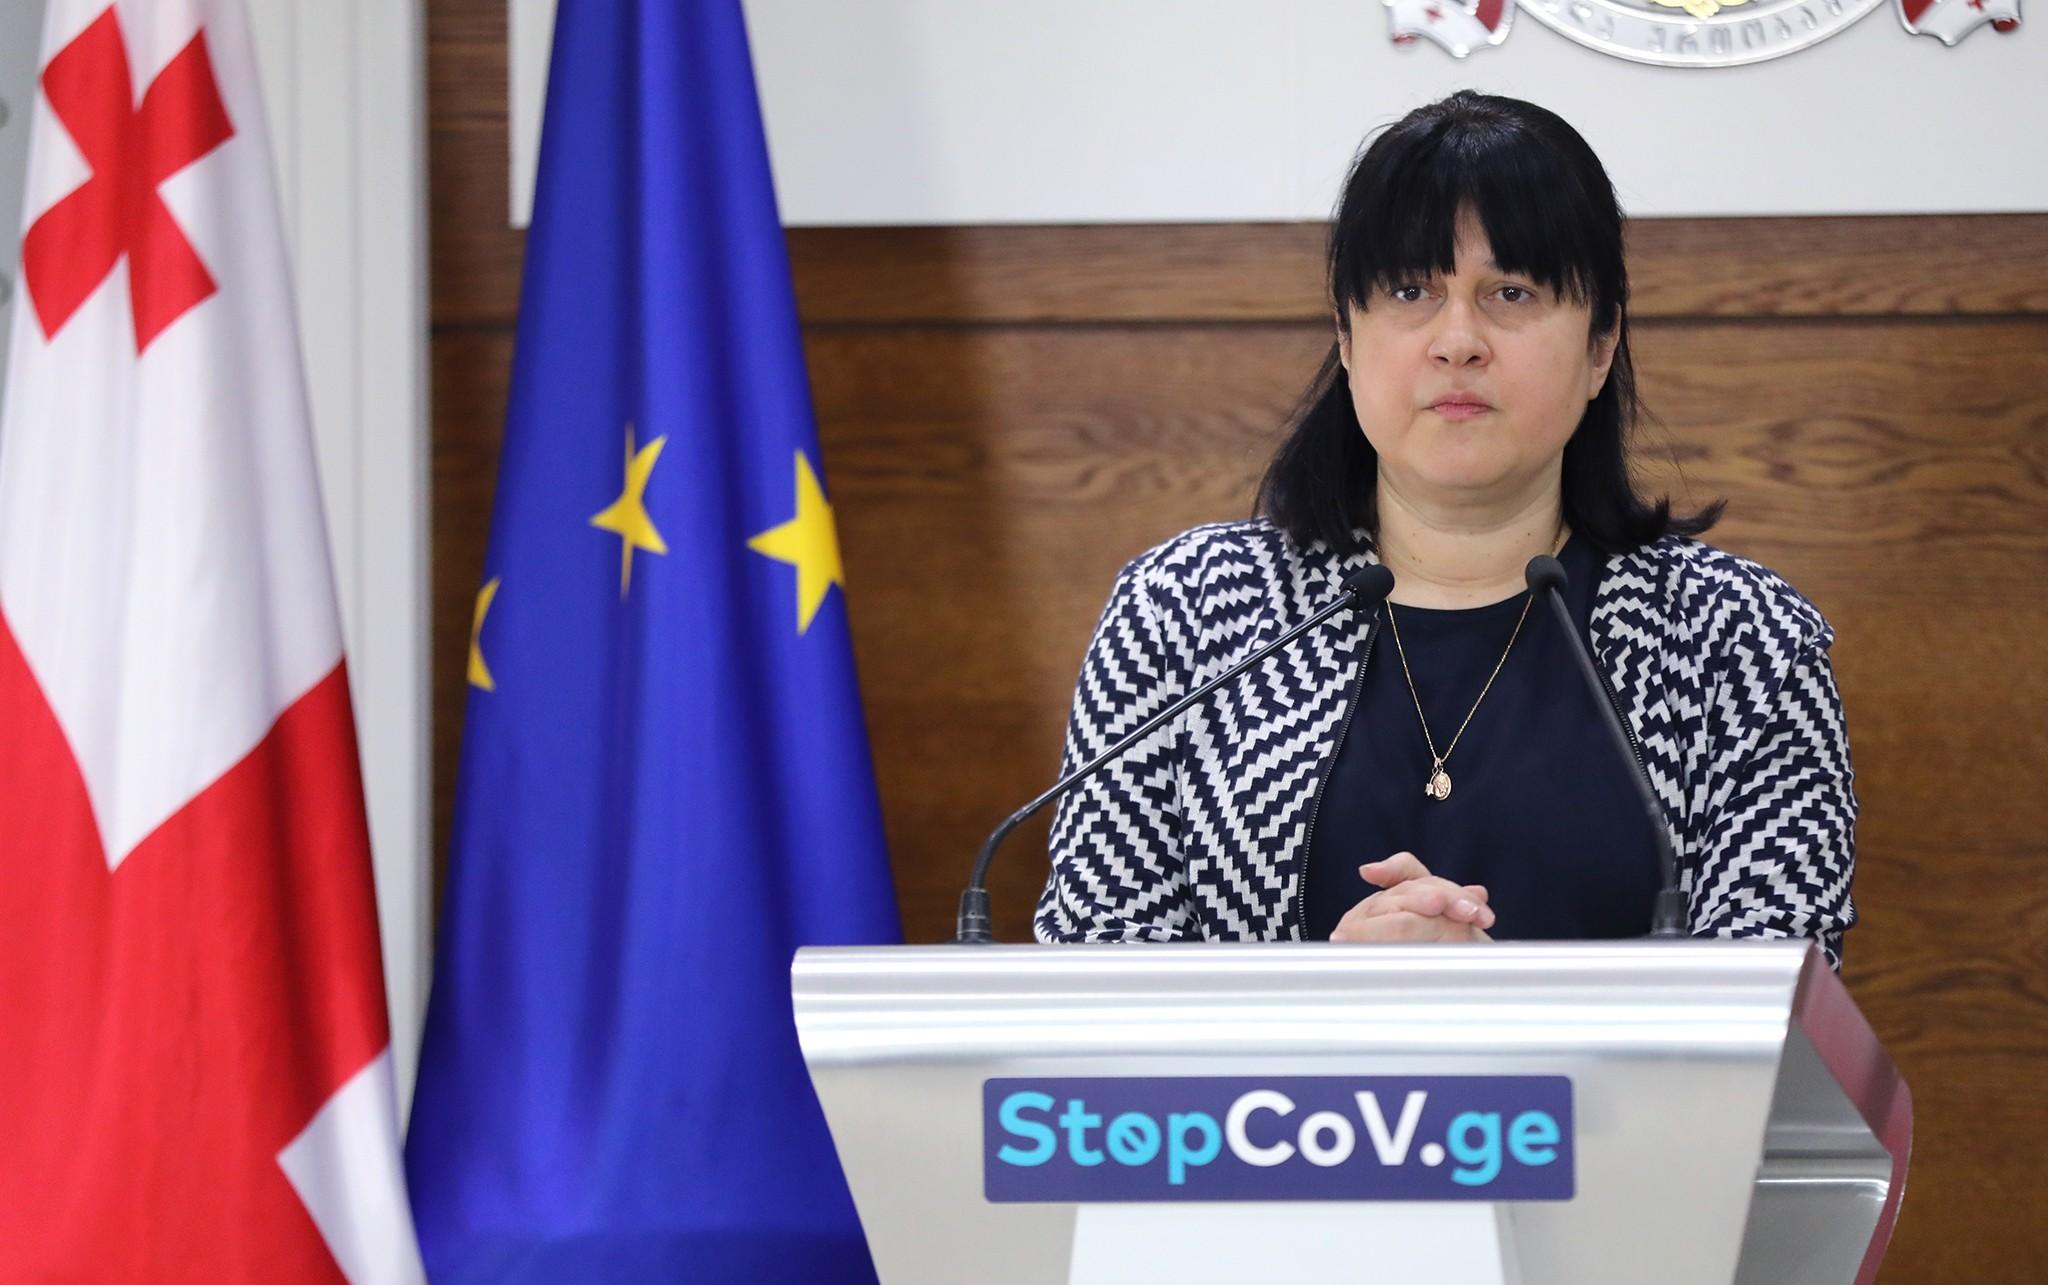 ბრიფინგი ვაქცინების დანერგვის უწყებათშორისი საკოორდინაციო კომისიის გადაწყვეტილებების შესახებ 19,05,2021